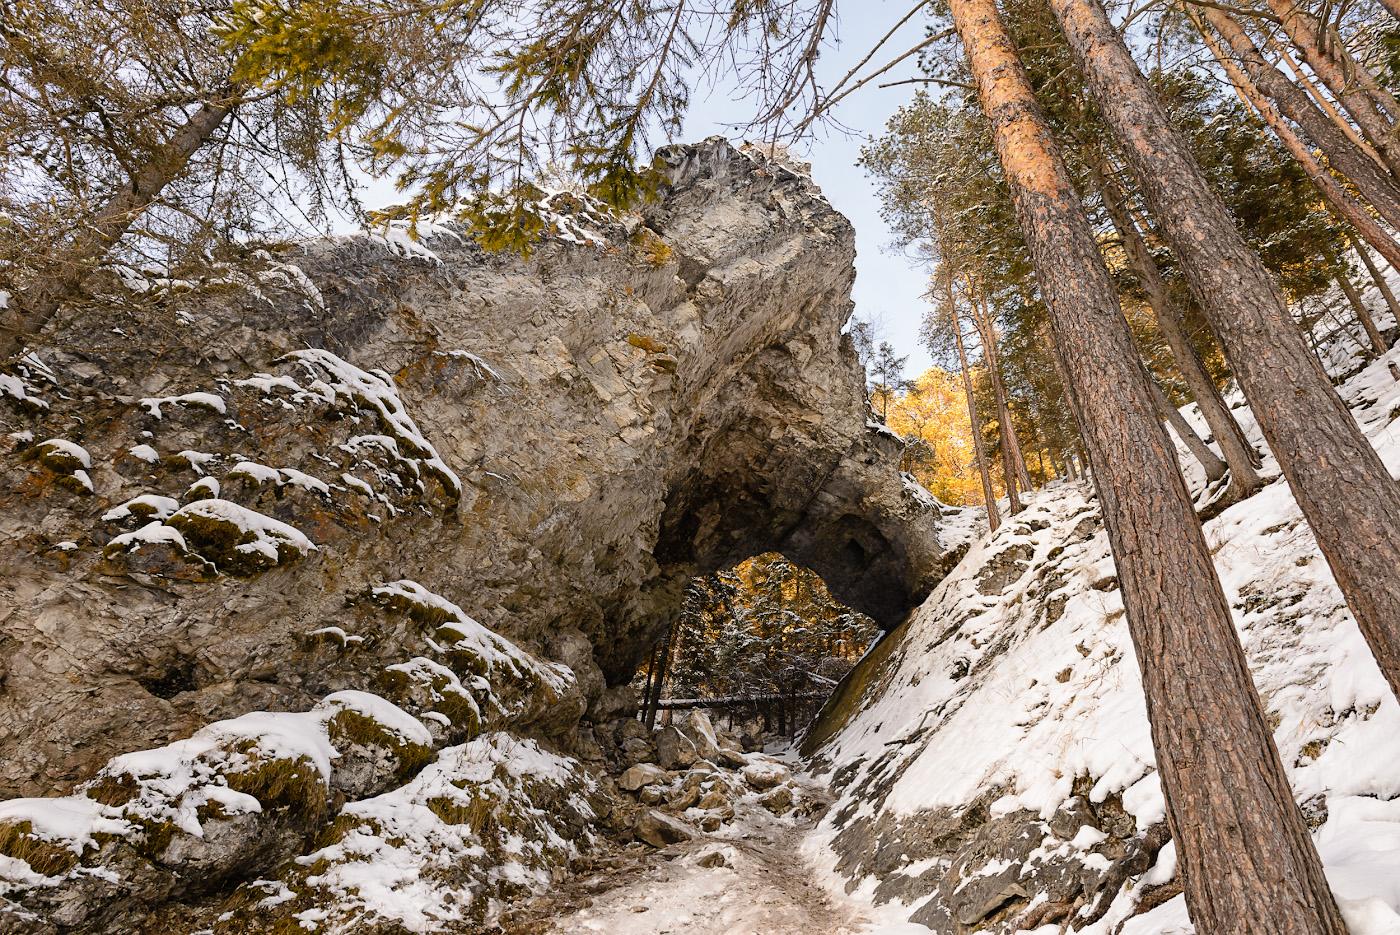 Фото 23. Скала Царские ворота. Когда-то это была Карстовая пещера... Отчет о поездке на авто в Пермский край. 1/50, 8.0, 360, 24.